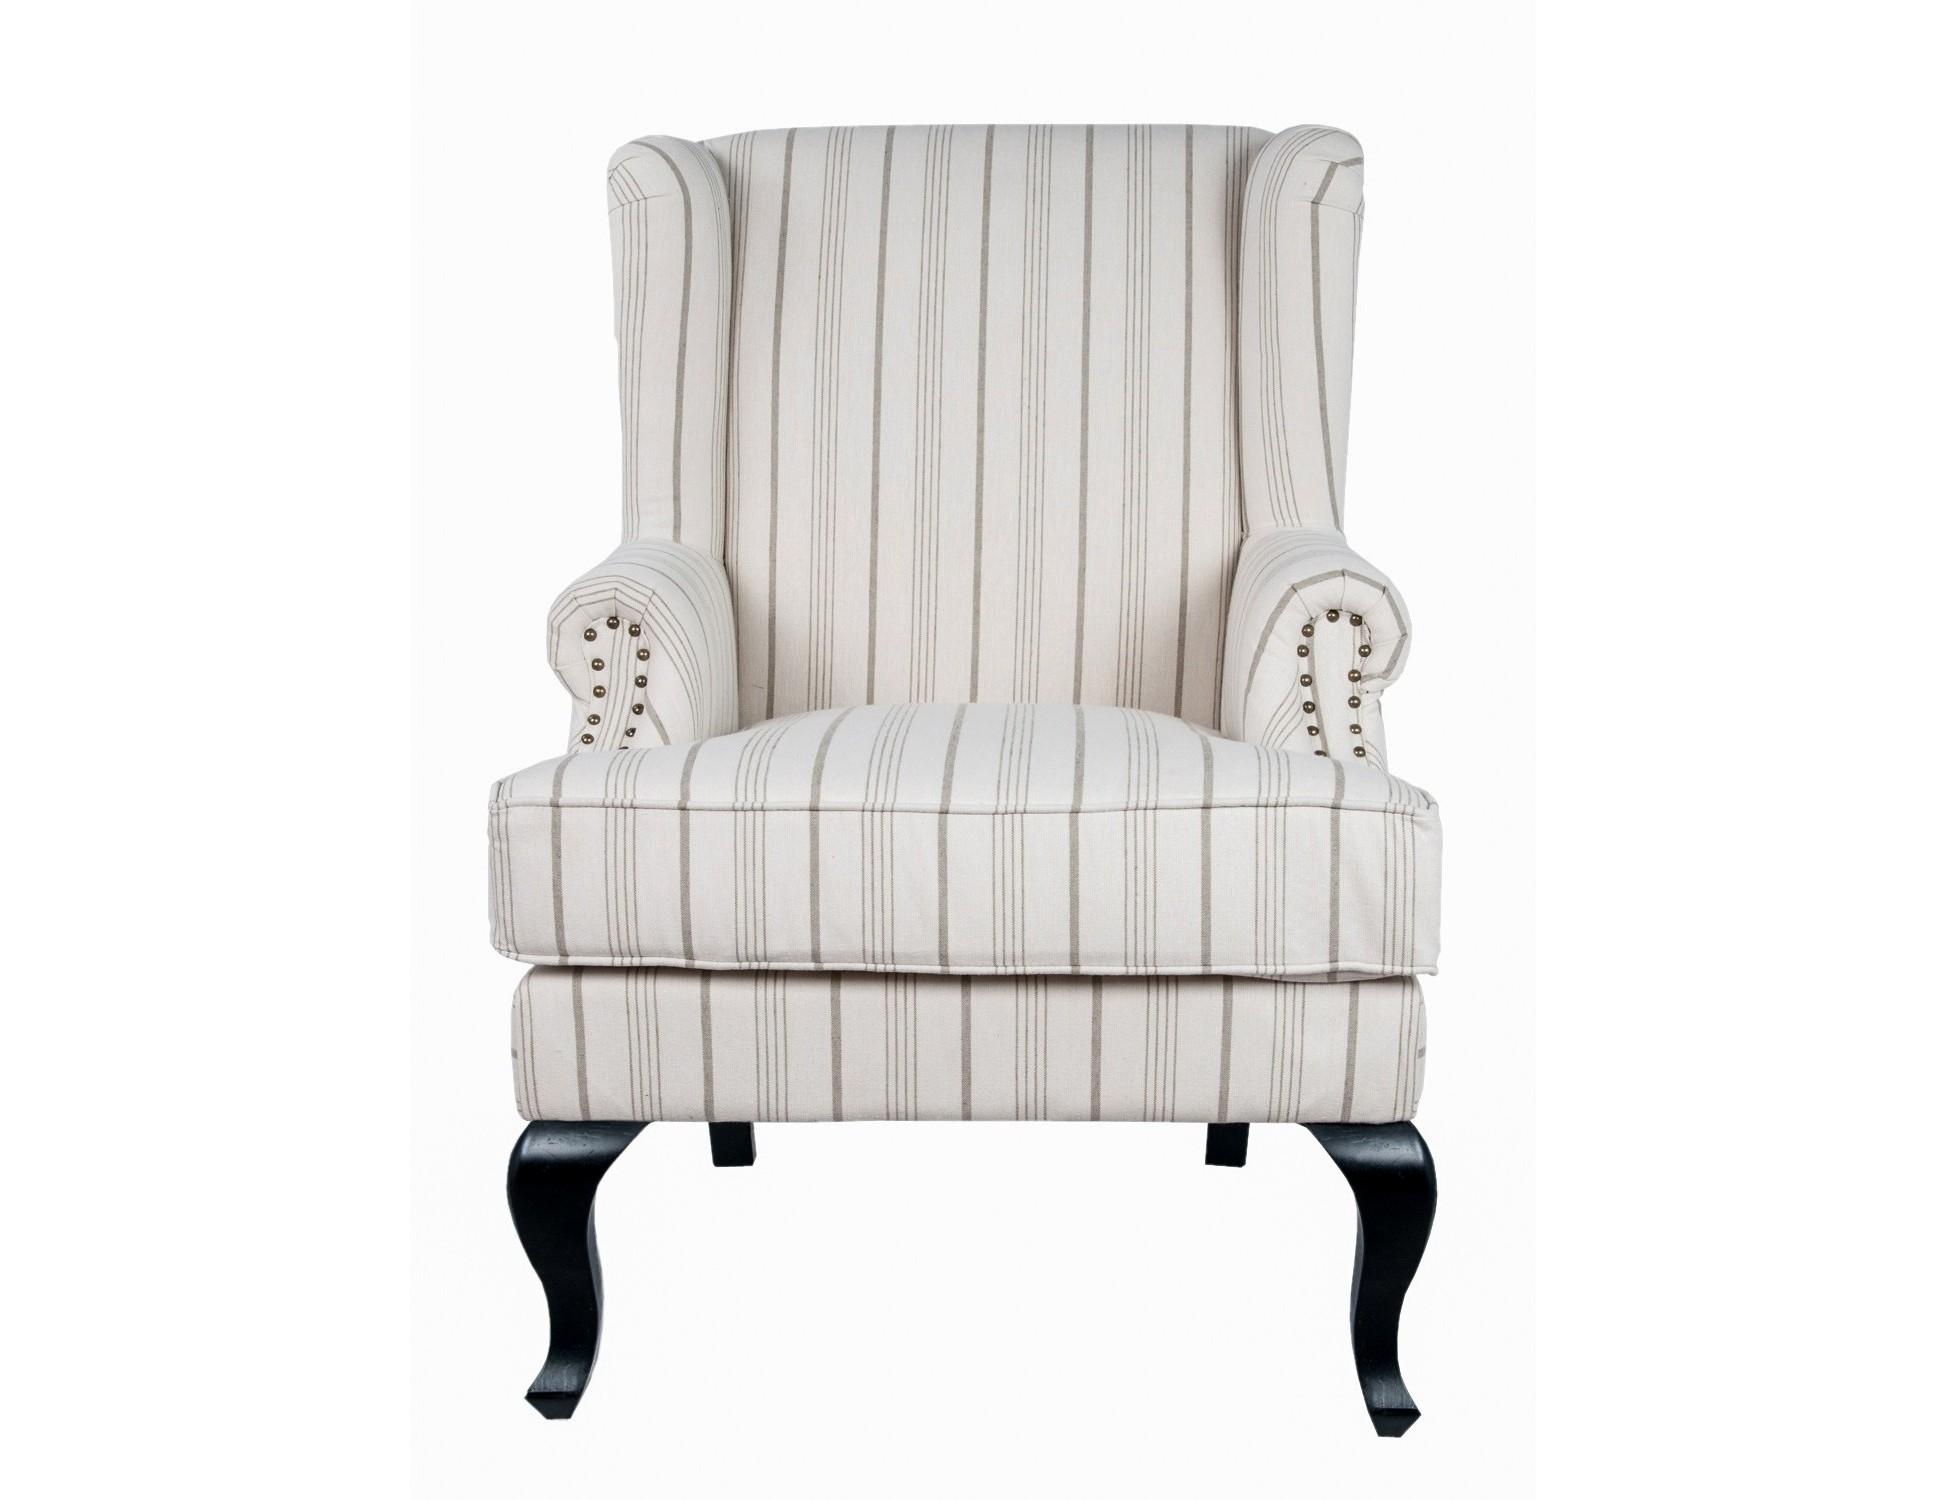 Кресло LekaloИнтерьерные кресла<br>Кресло Lekalo — типичный представитель классической традиционной мебели. Глубокое, удобное кресло с высокой спинкой и подлокотниками окутает вас комфортом и уютом.<br><br>Material: Лен<br>Width см: 77<br>Depth см: 75<br>Height см: 111